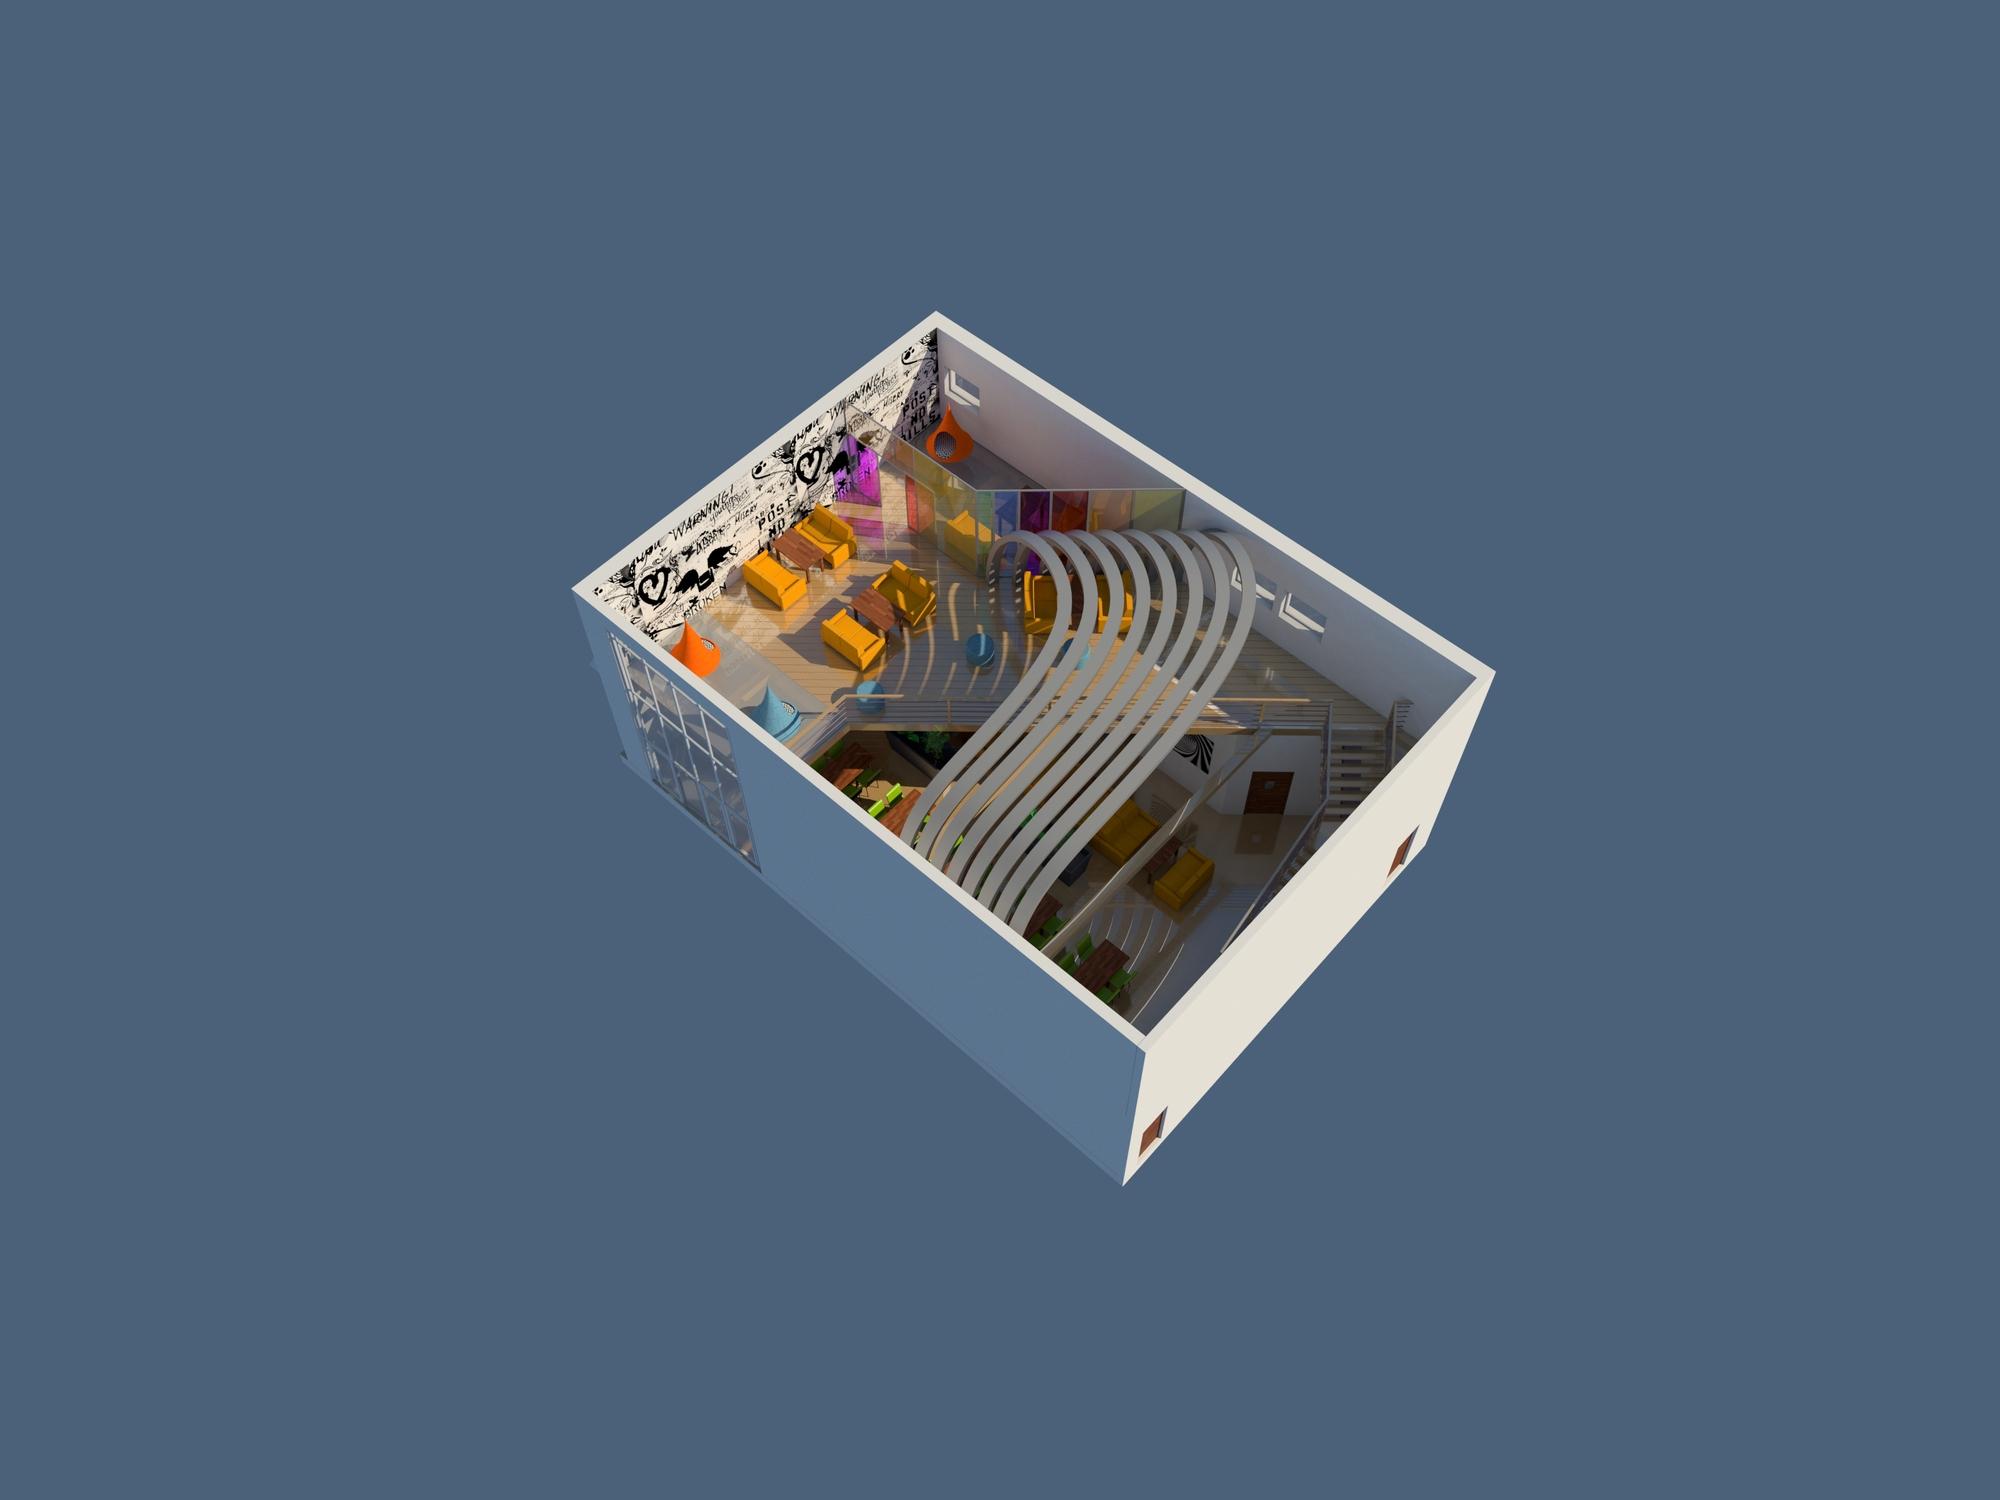 Raas-rendering20141127-25918-8bewad